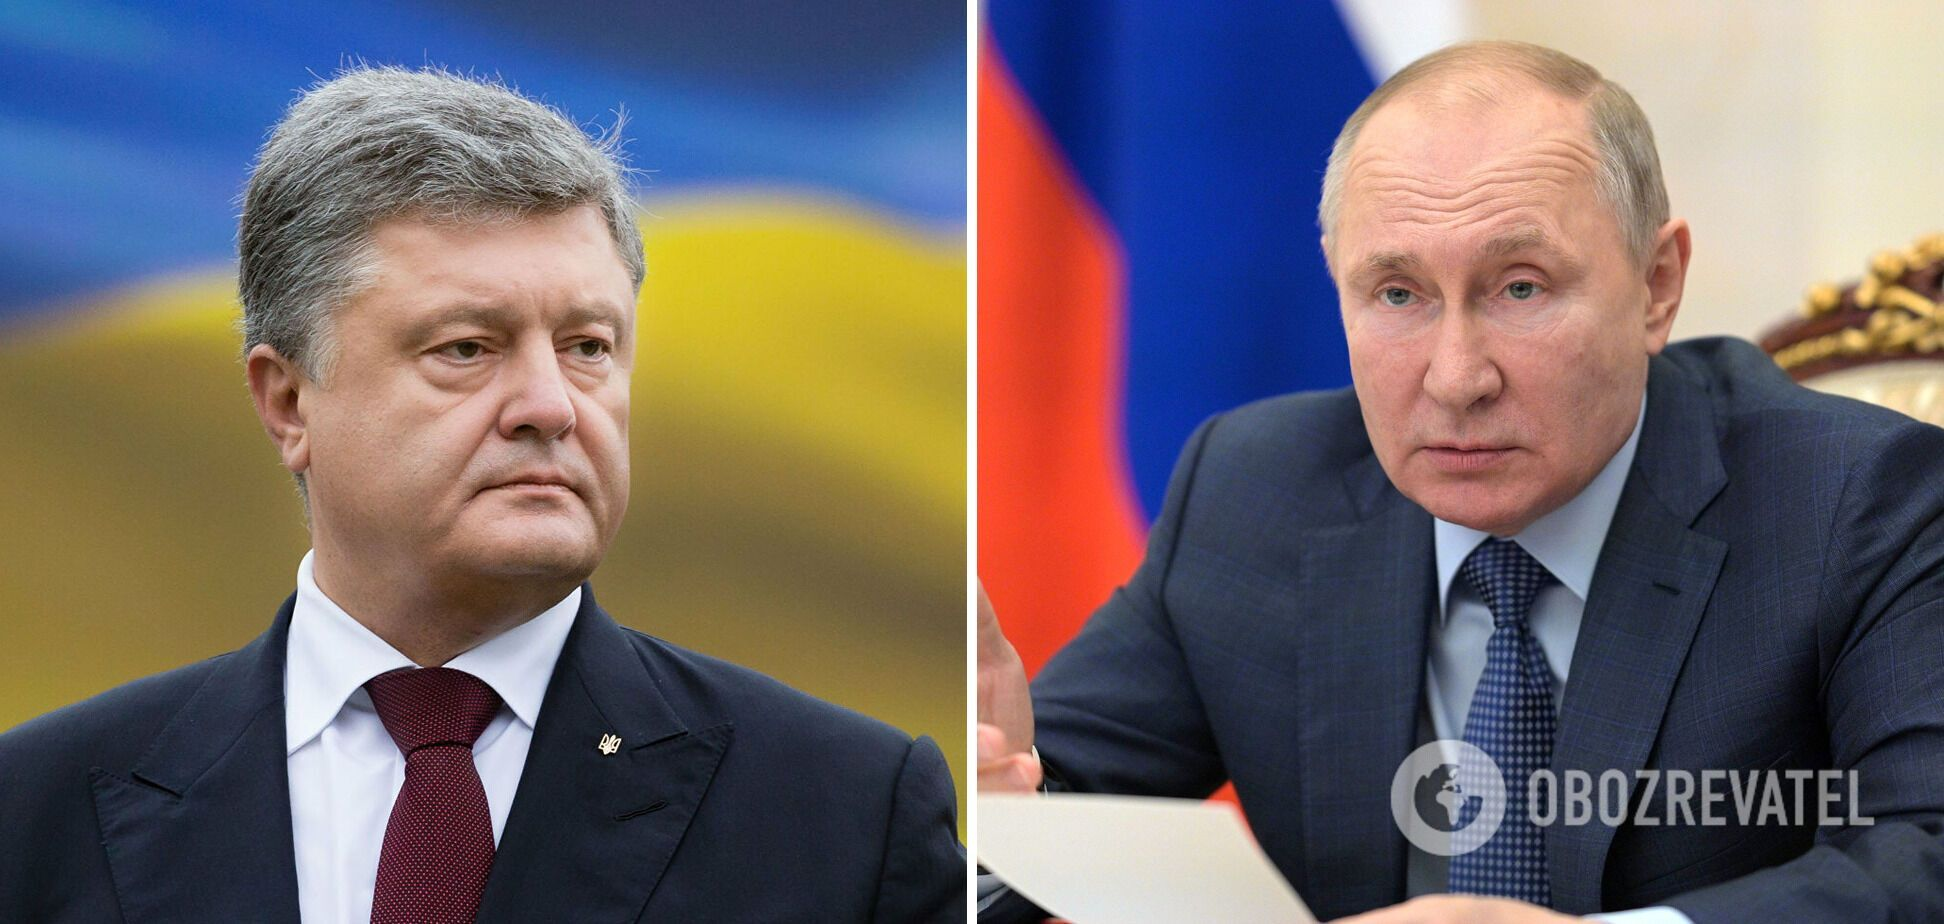 Порошенко написав статтю-відповідь Путіну: інтелектуальний прогрес керівництва РФ нульовий